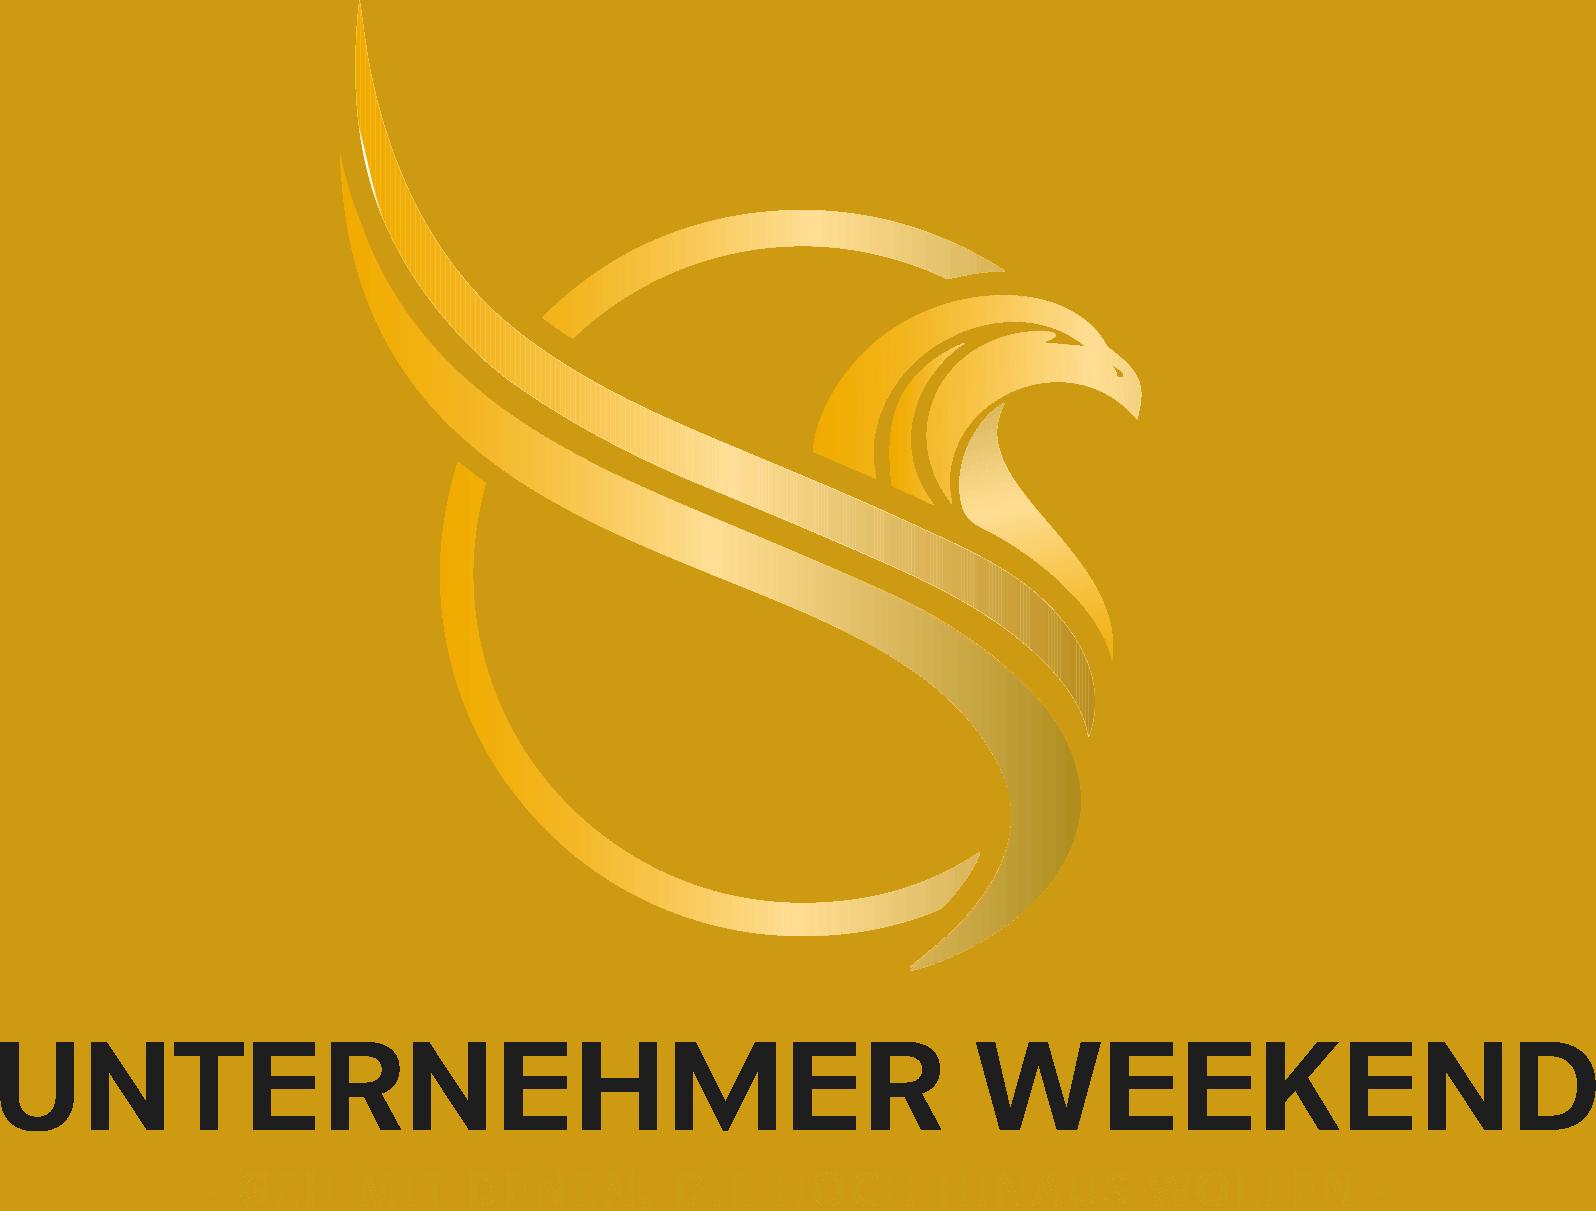 Unternehmer Weekend Logo